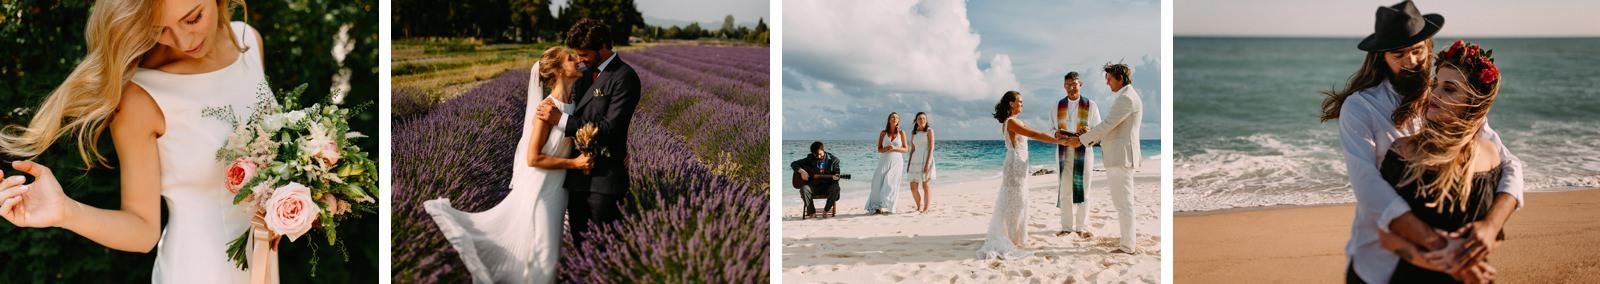 naturalna fotografia ślubna- sesja młodej pary- Luke Sezeck